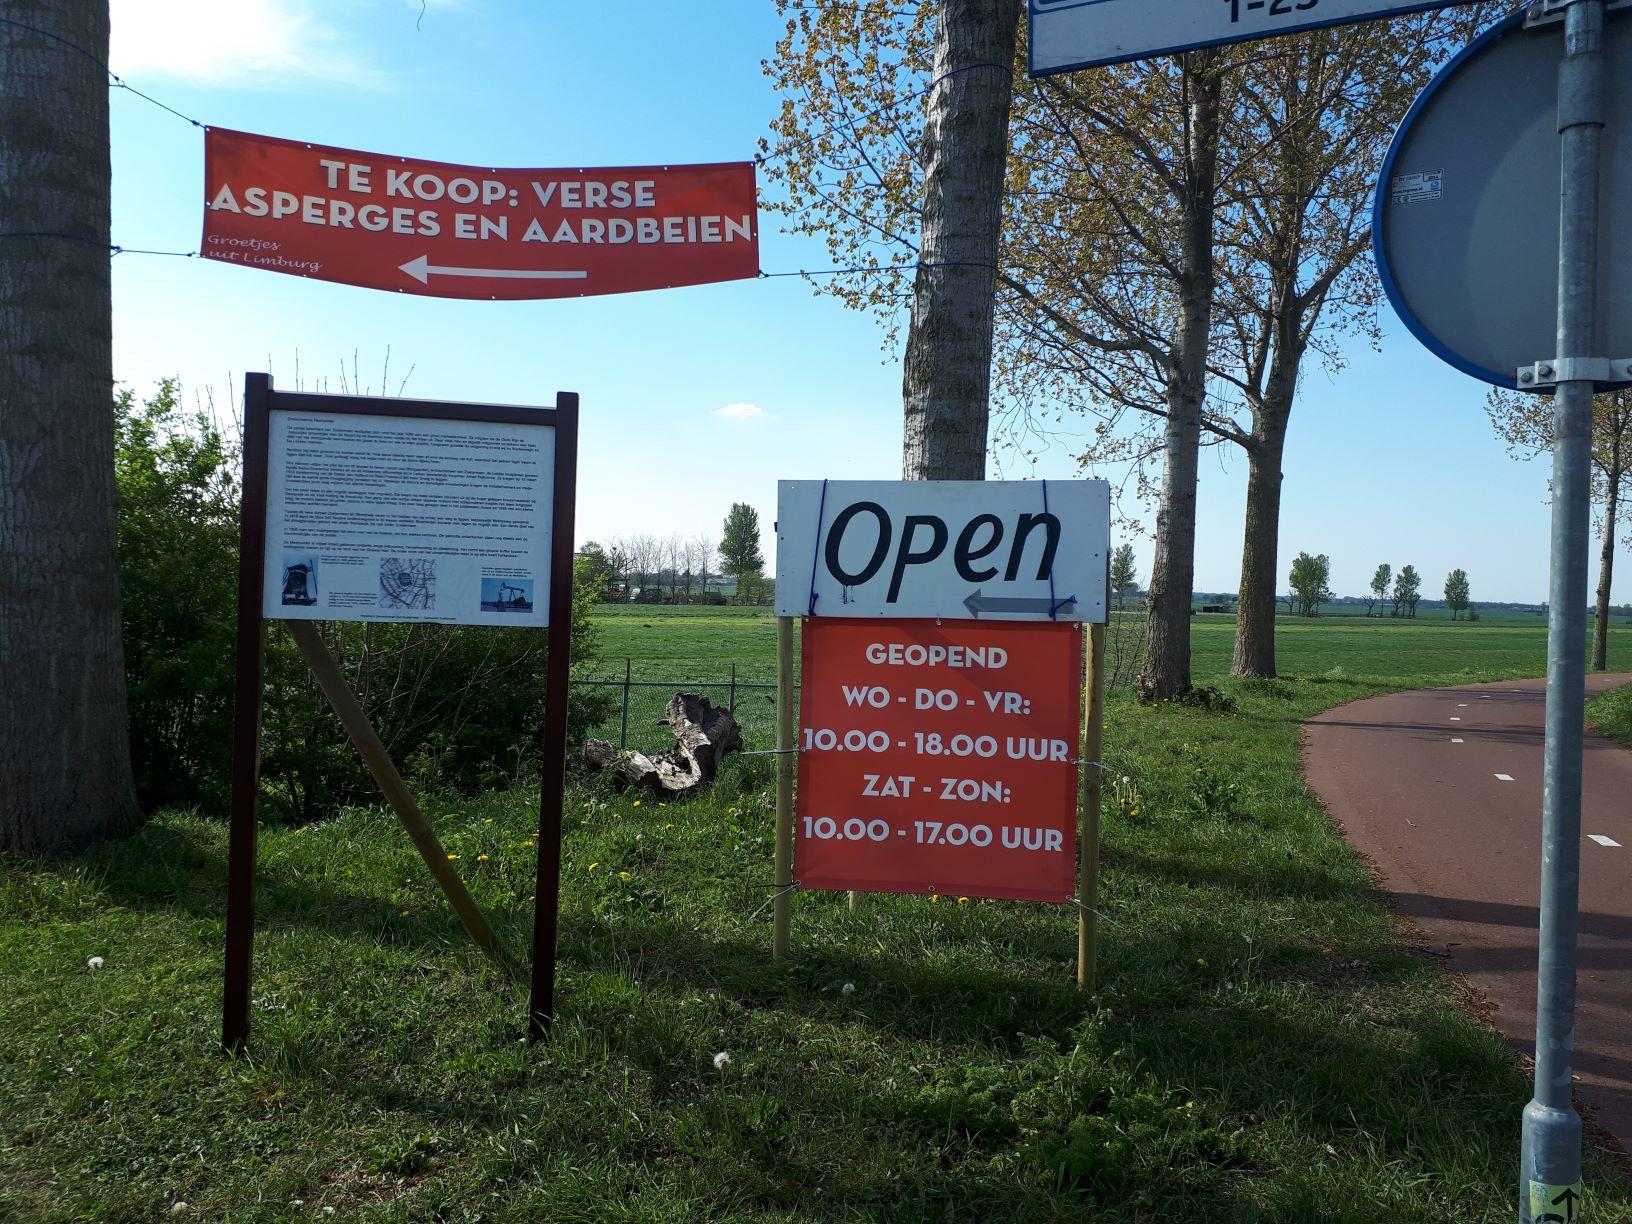 Asperges Zoetermeer